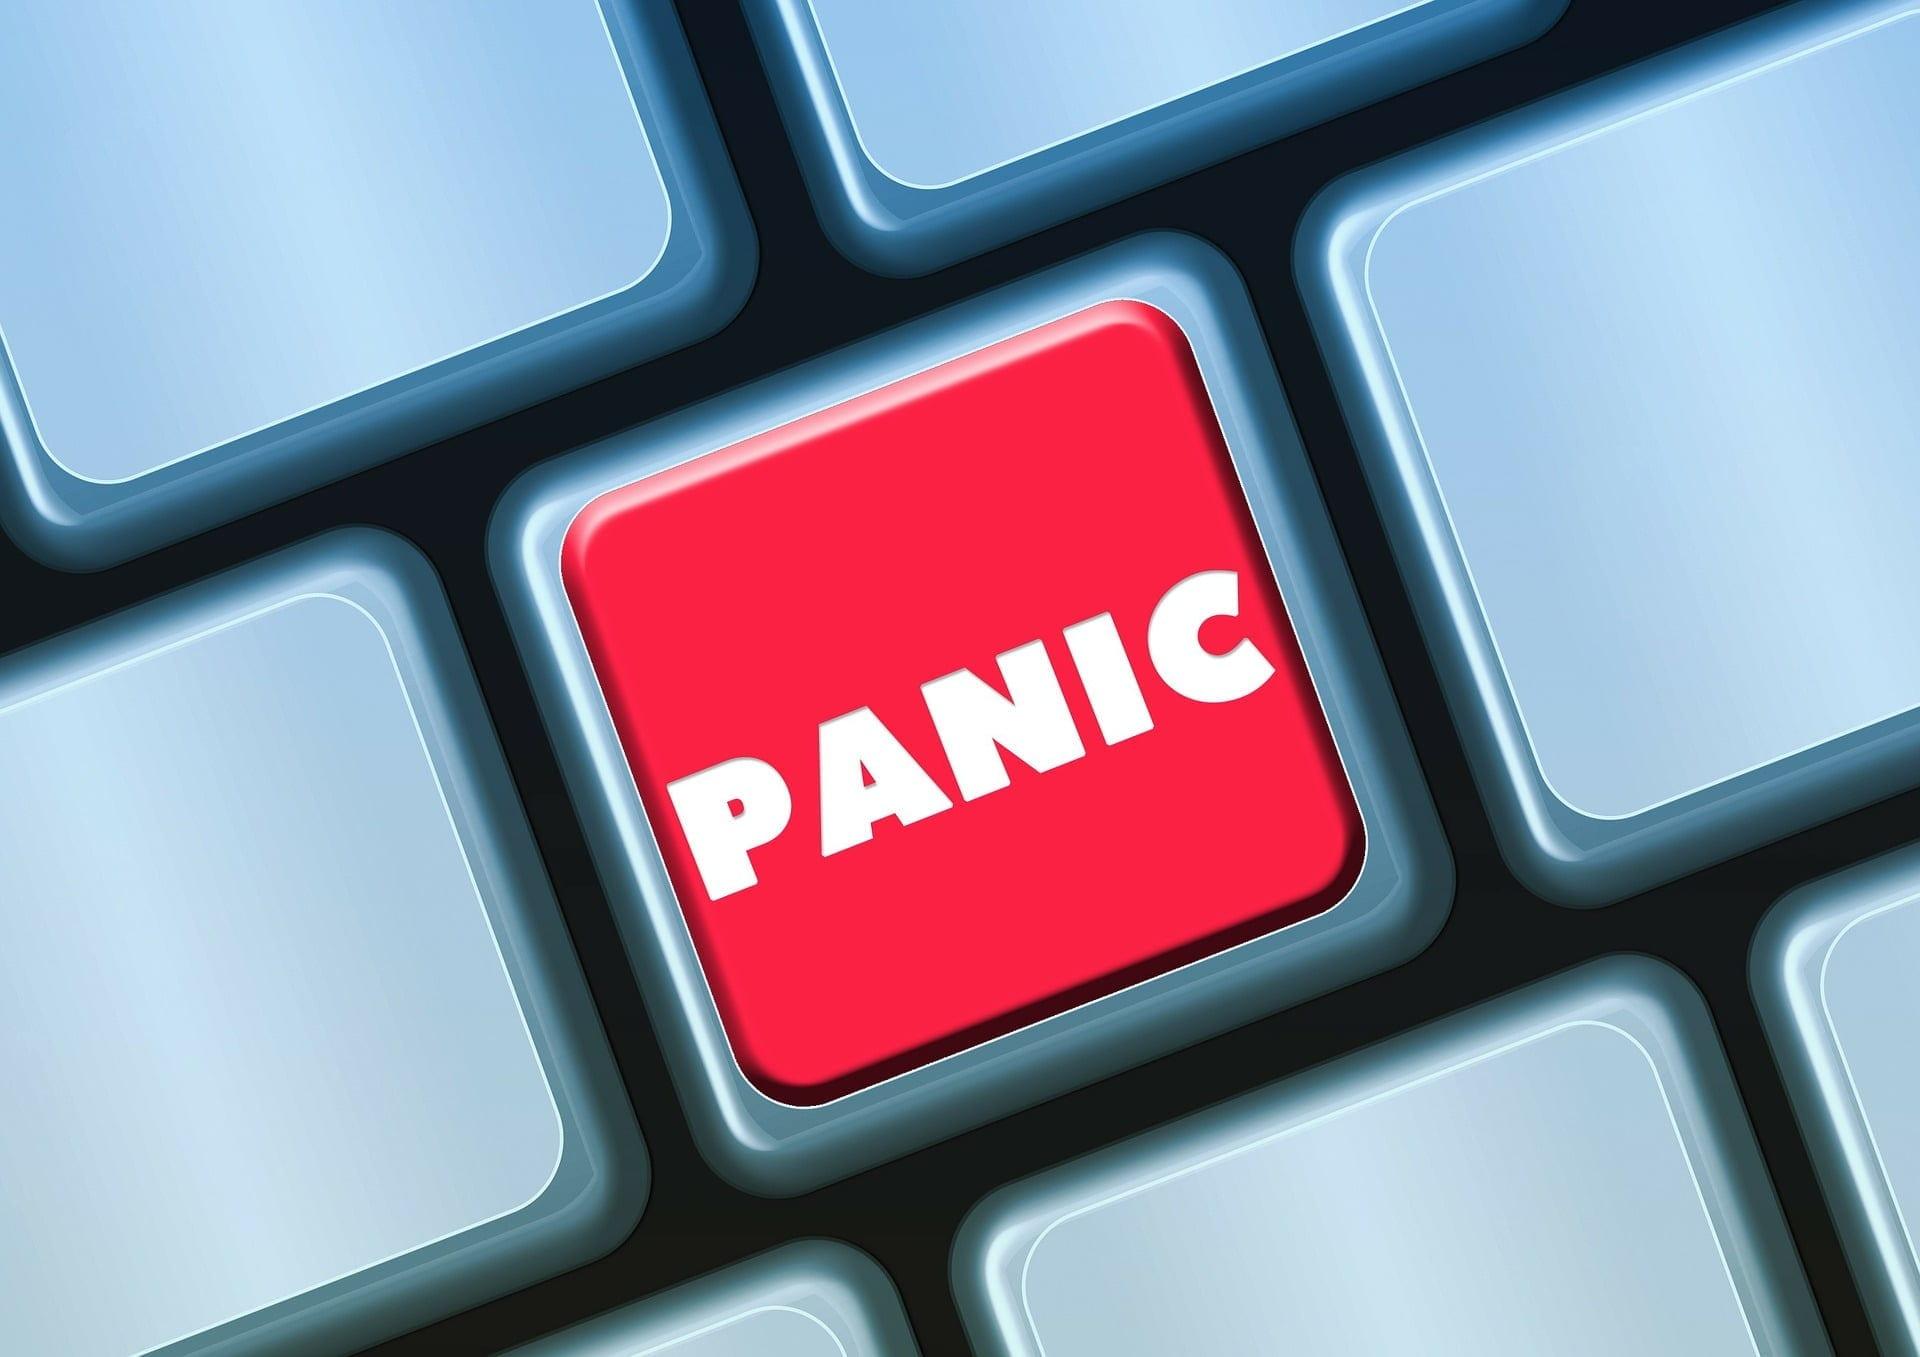 atacul de panica la munca cum il poti gestiona